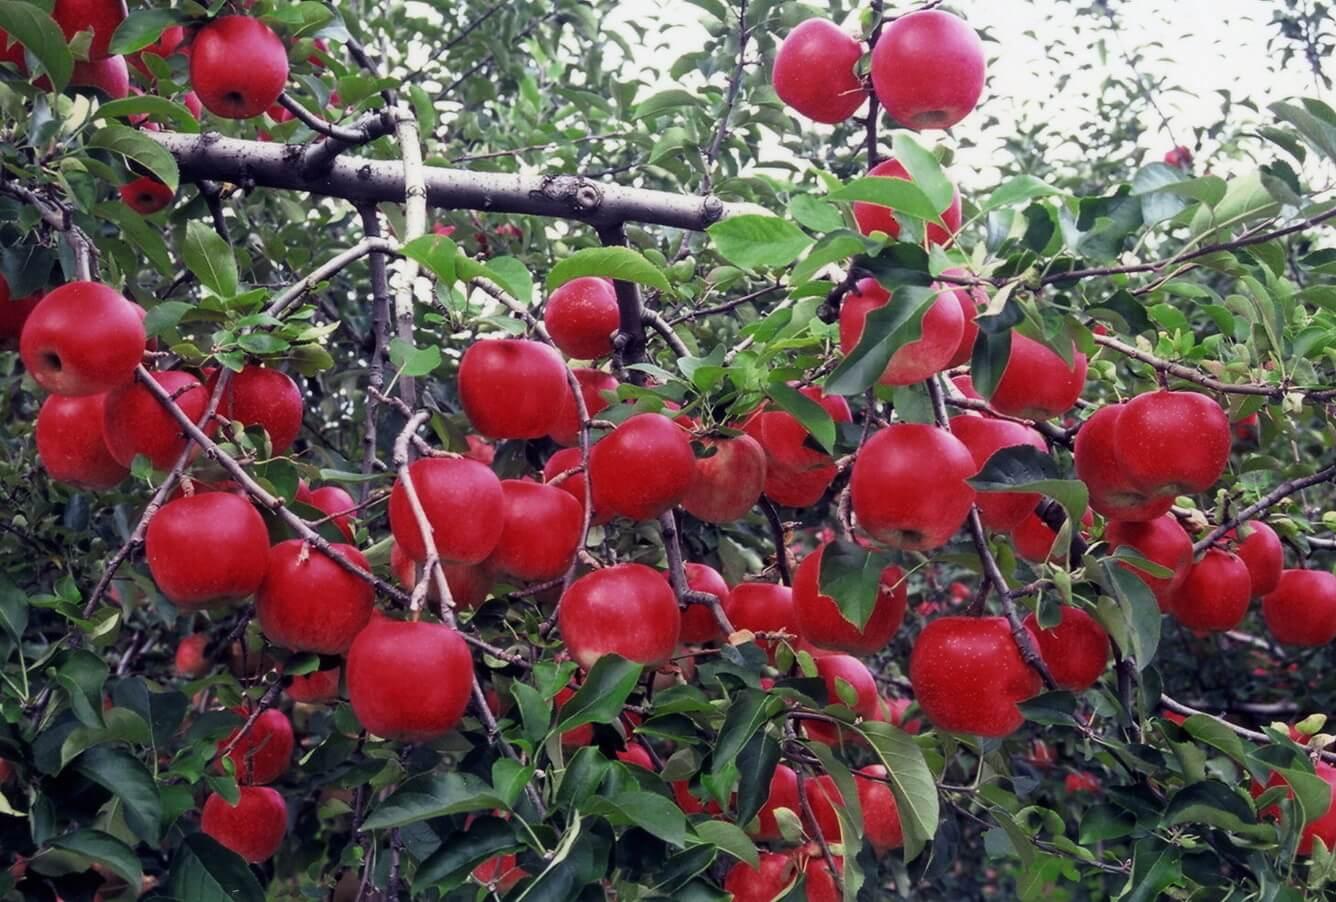 Trải nghiệm hái táo vào mùa!!!